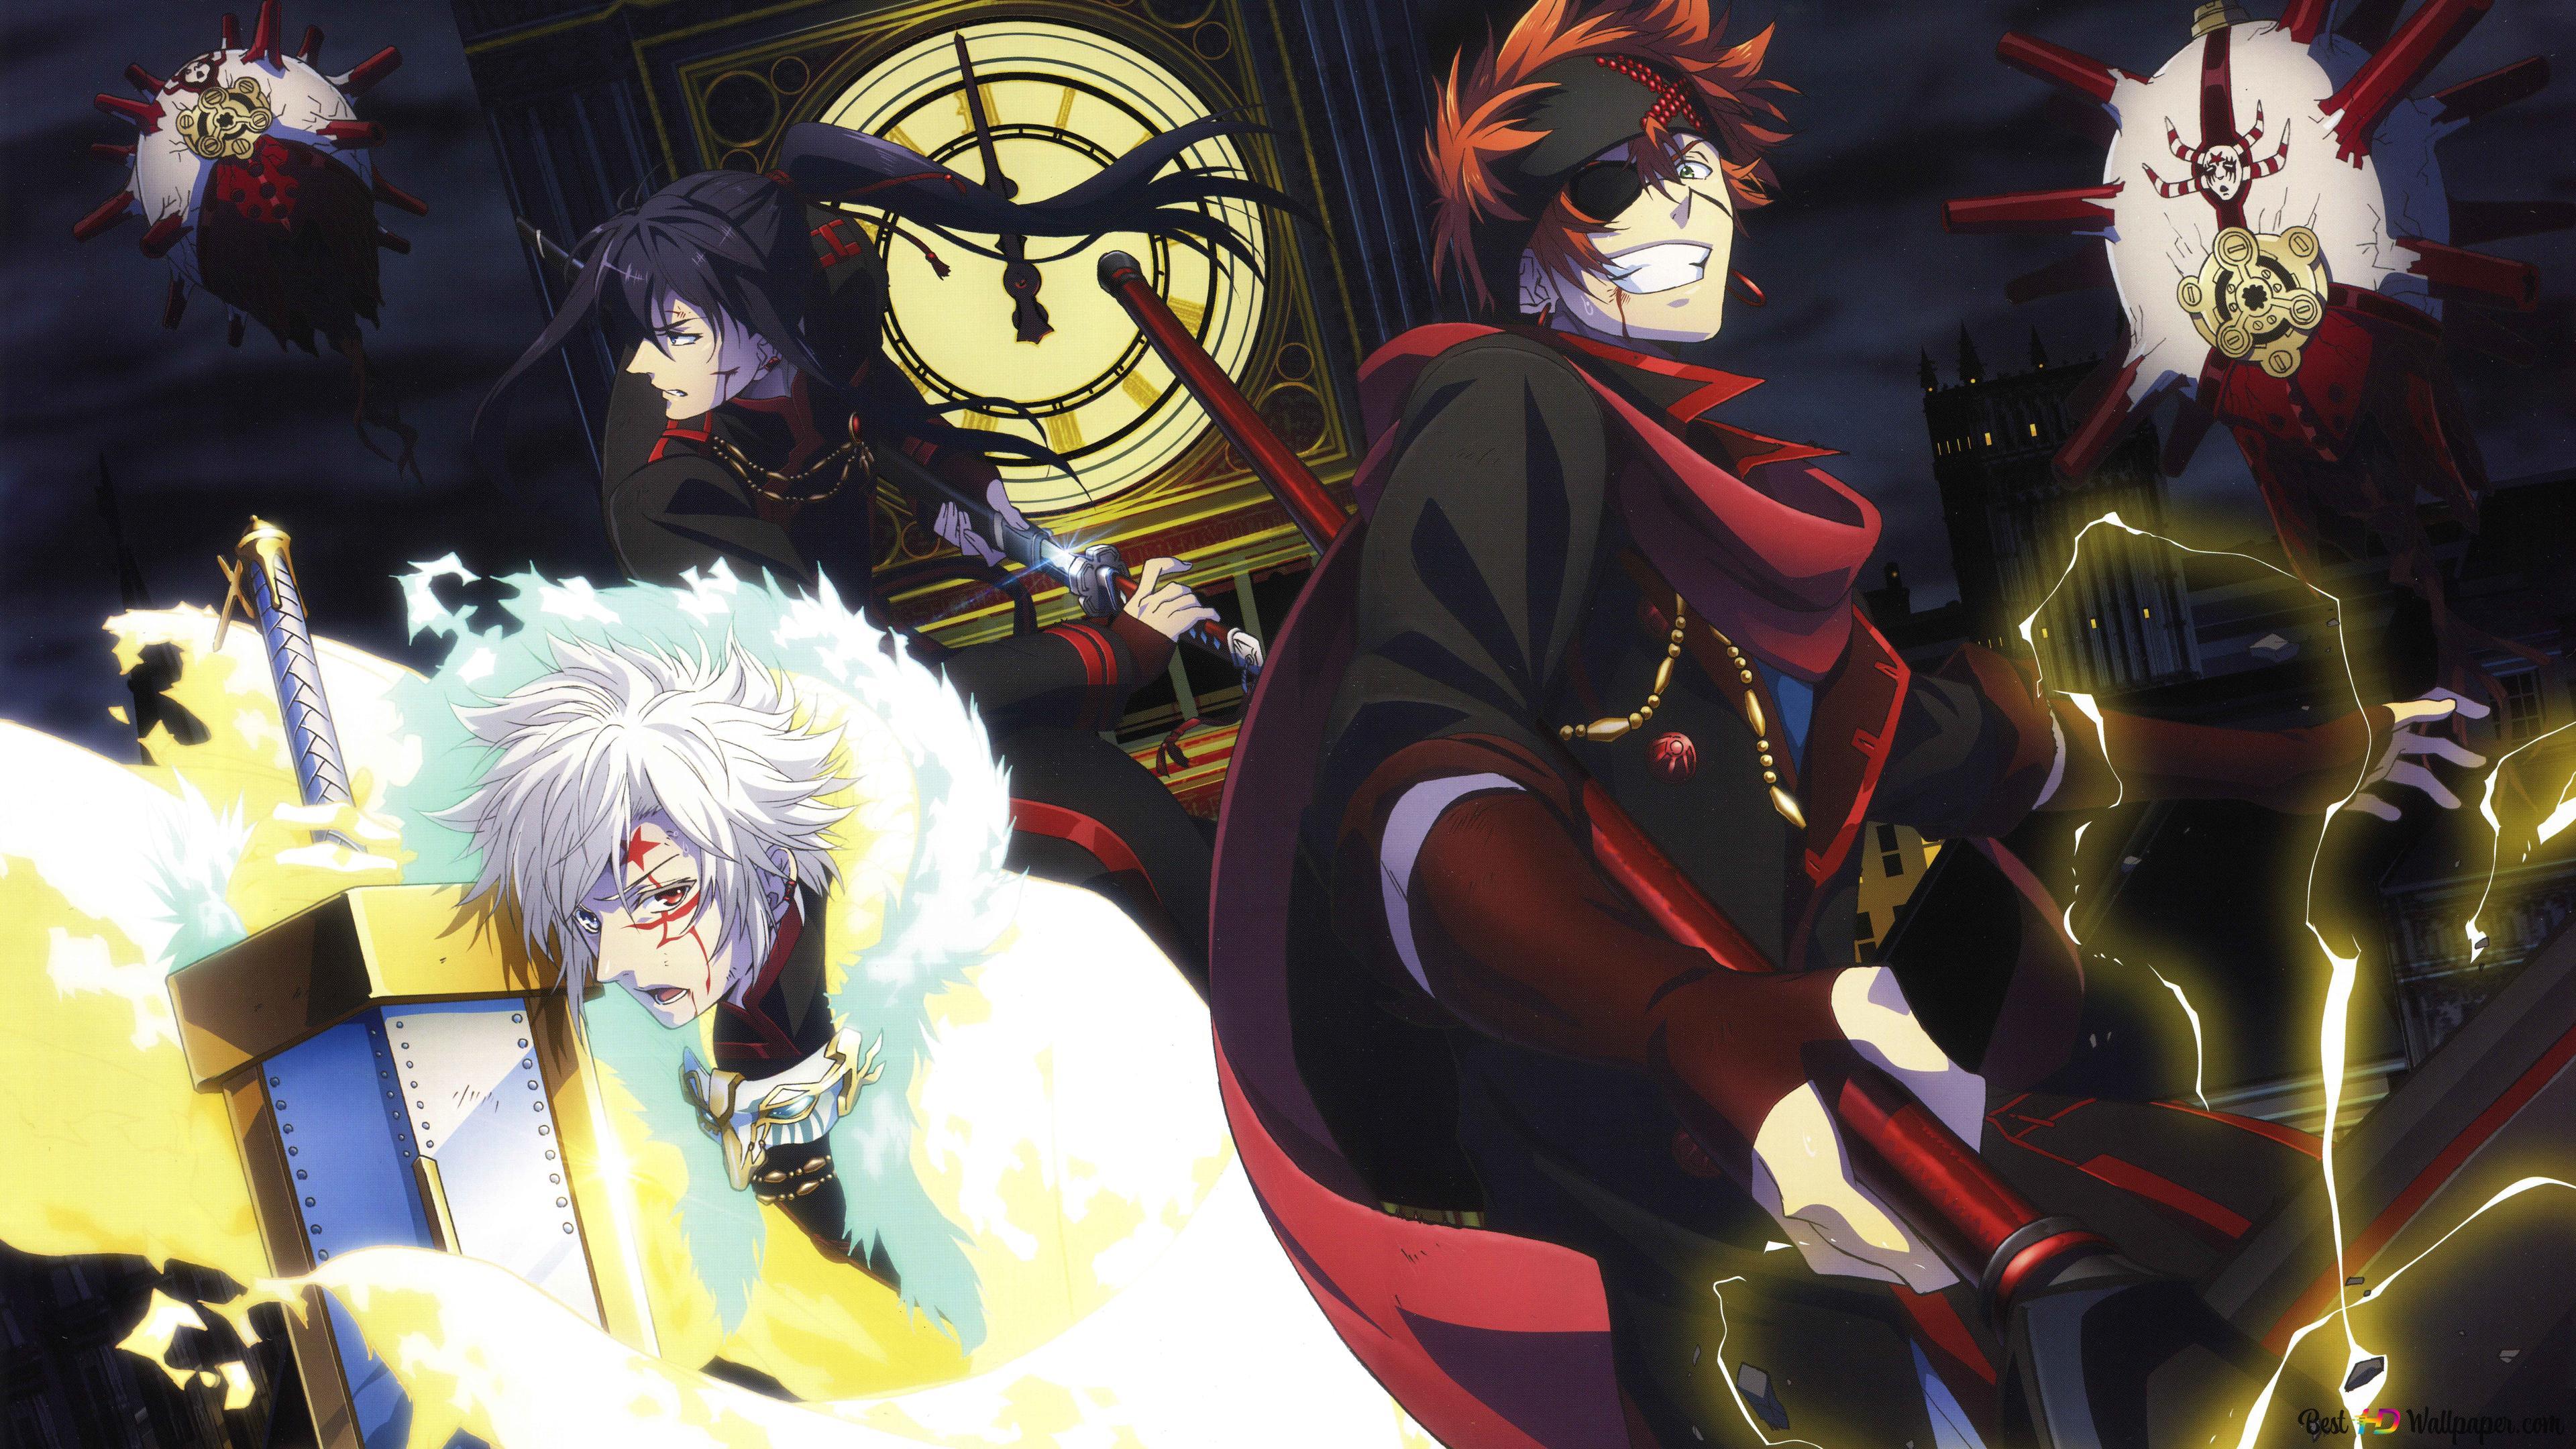 D Gray Man Anime Hd Wallpaper Download